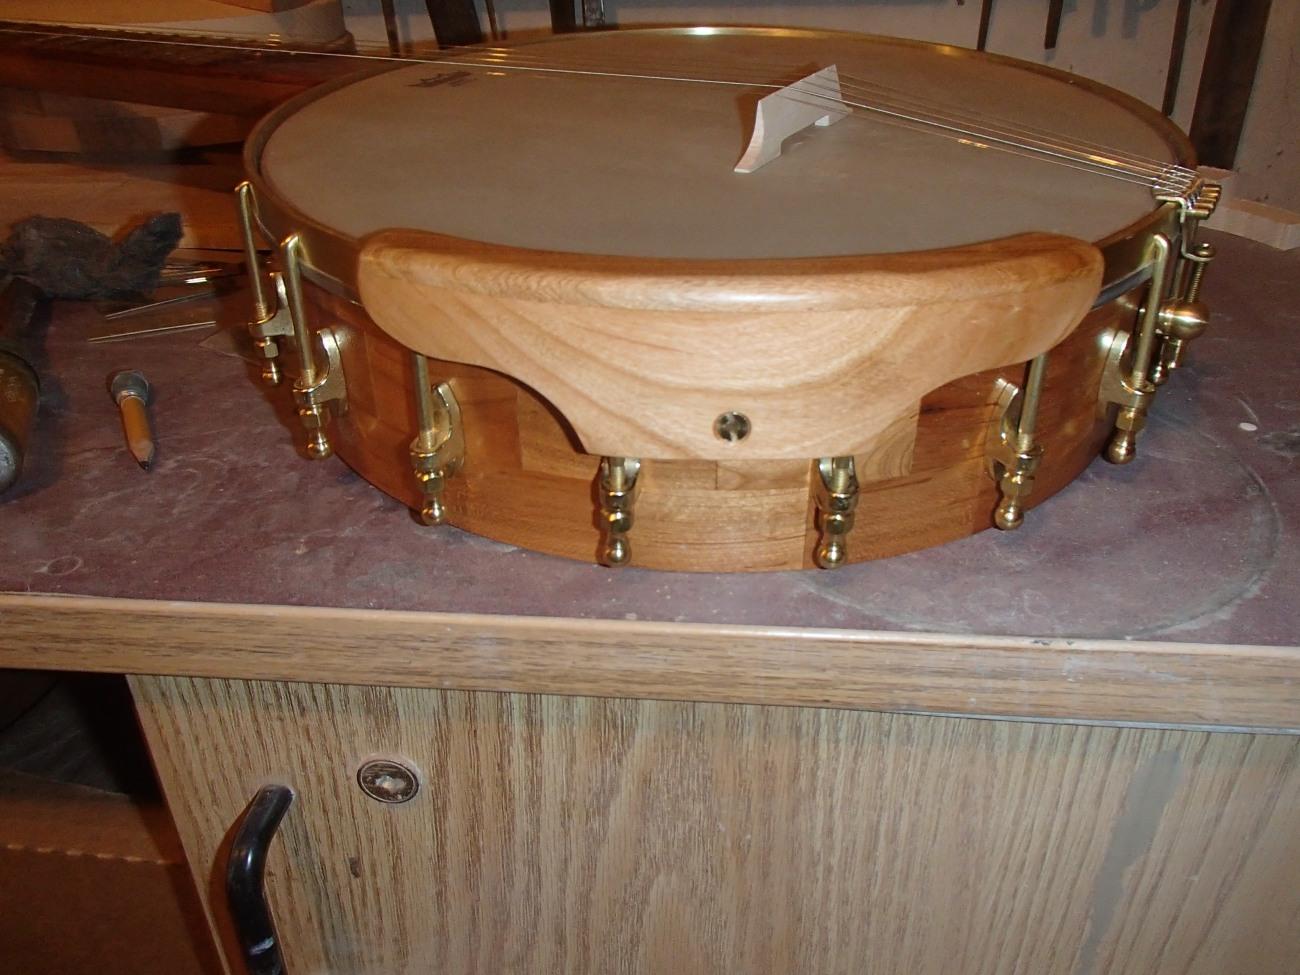 Making an armrest for banjo #44 – Zach Hoyt Banjos Etc